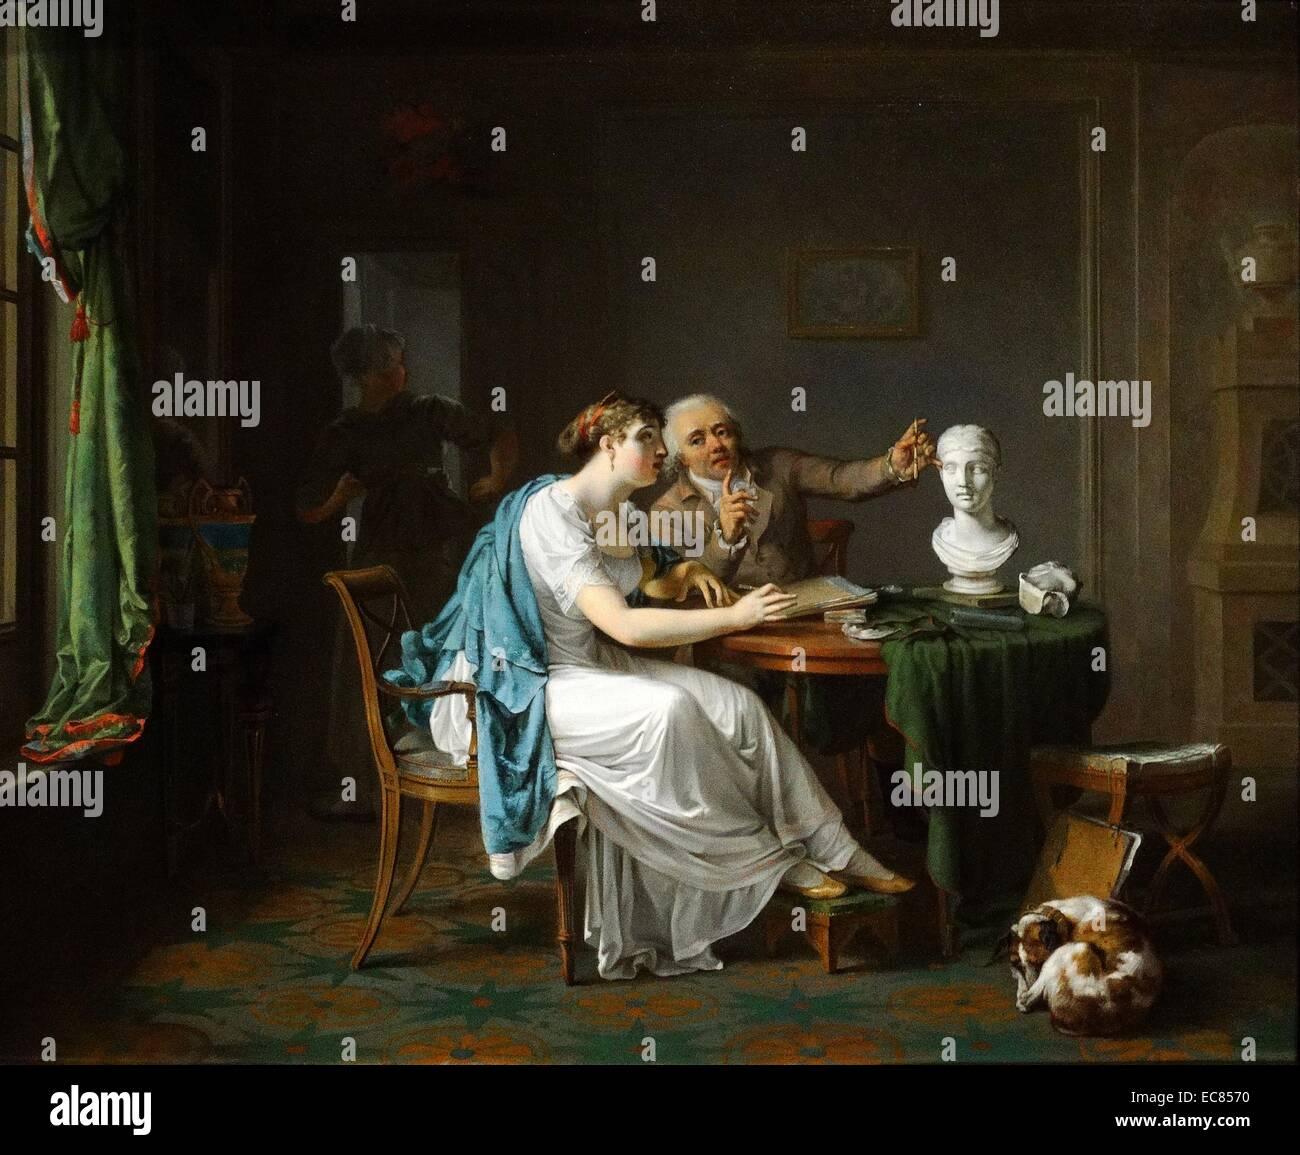 Fein Rembrandts Anatomie Lektion Von Dr. Tulp Ideen - Anatomie Von ...